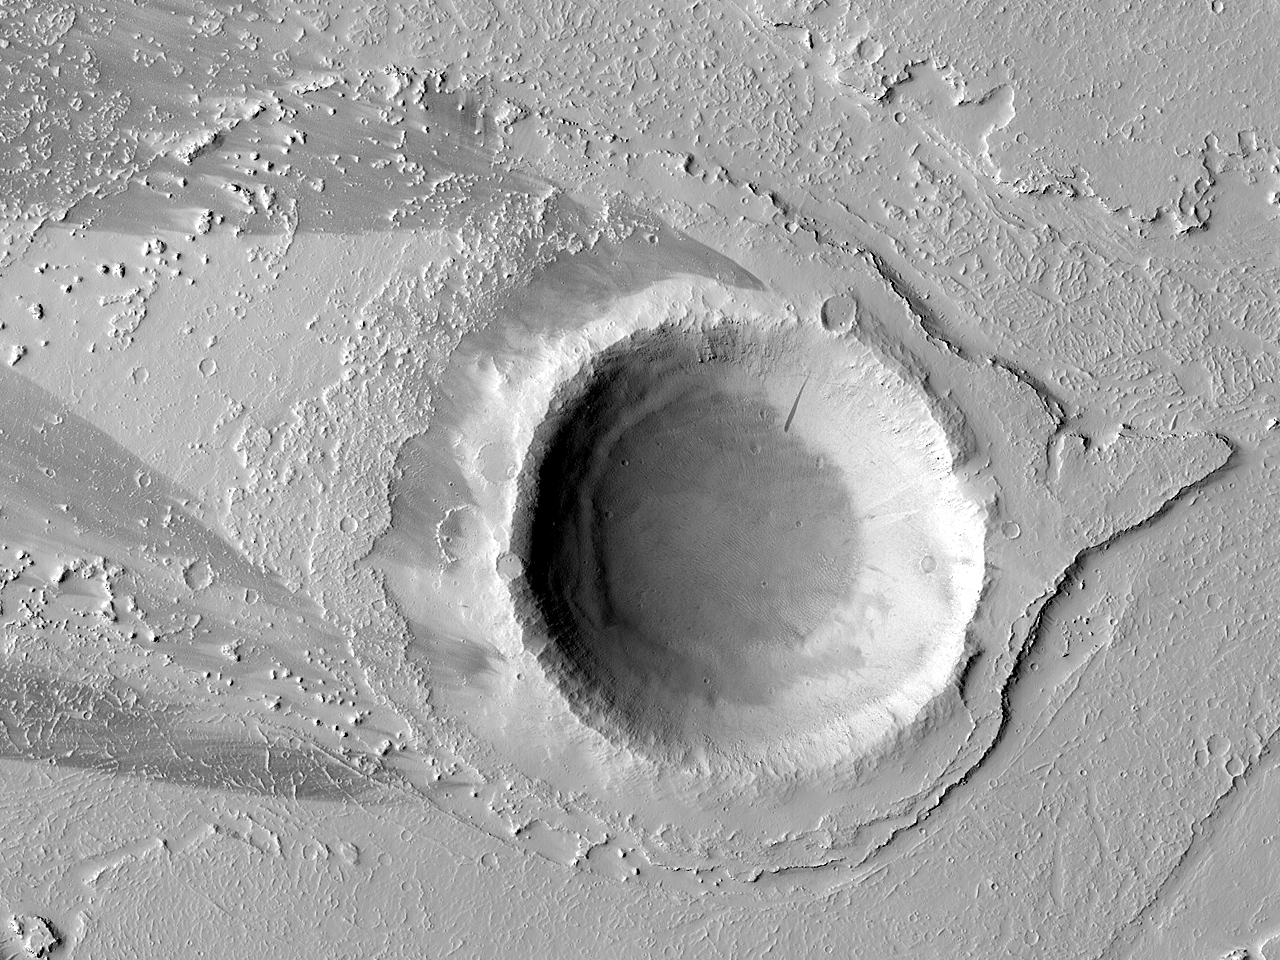 Остров кратера в поле потоков лавы